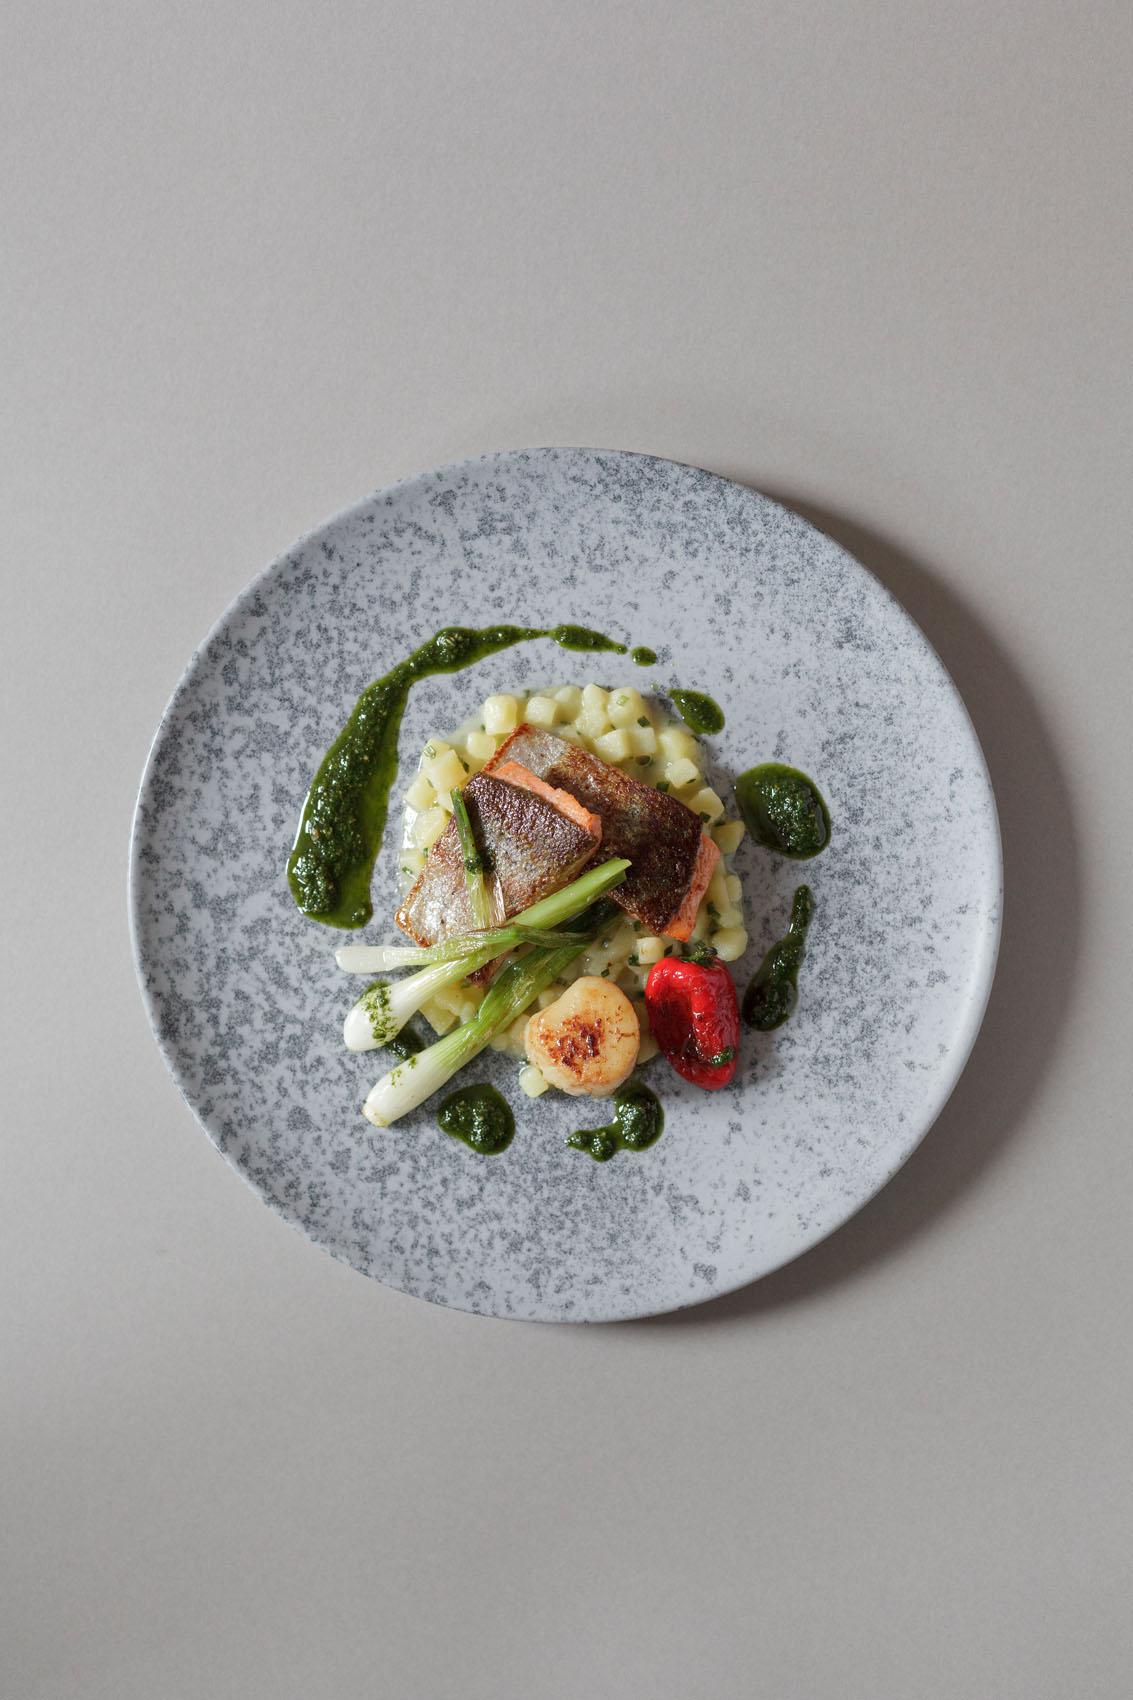 Foodfoto im Gasthof Adler von Koch Bernhard Munding aus Frechenrieden im Unterallgäu